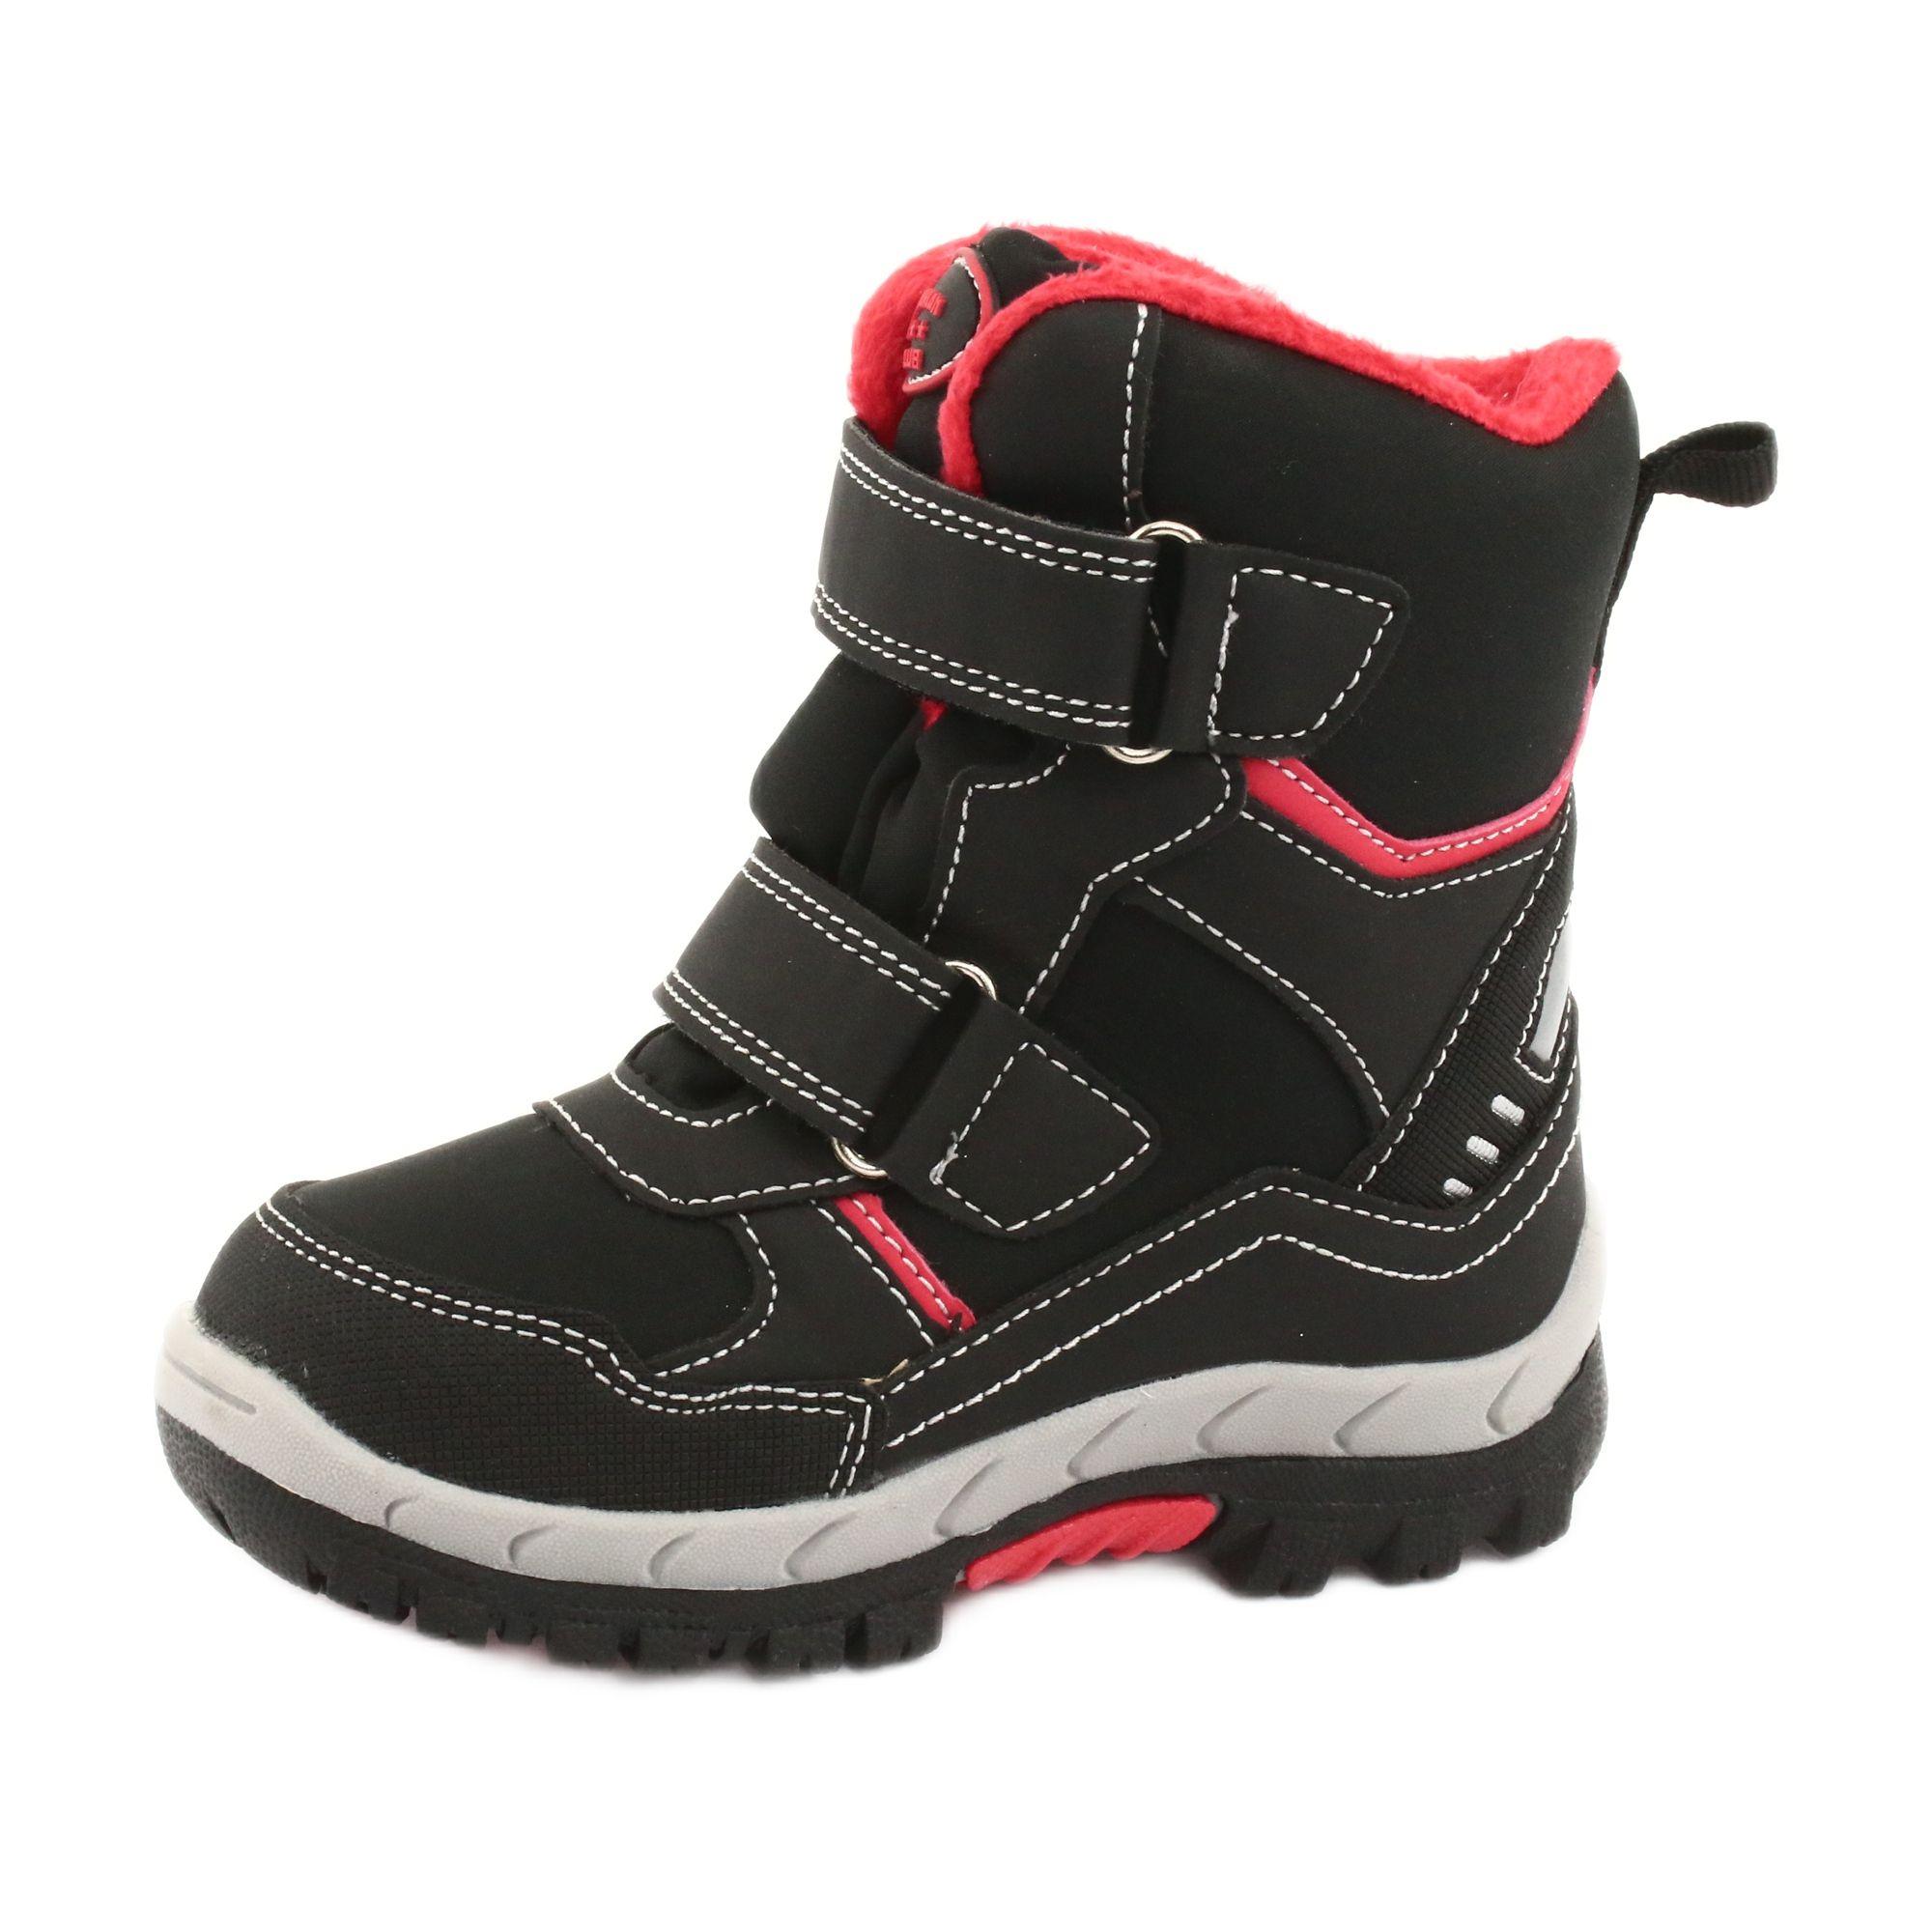 American Club Kozaki Z Membrana Rl34 Czarne Czerwone In 2021 Boots Childrens Boots Kid Shoes